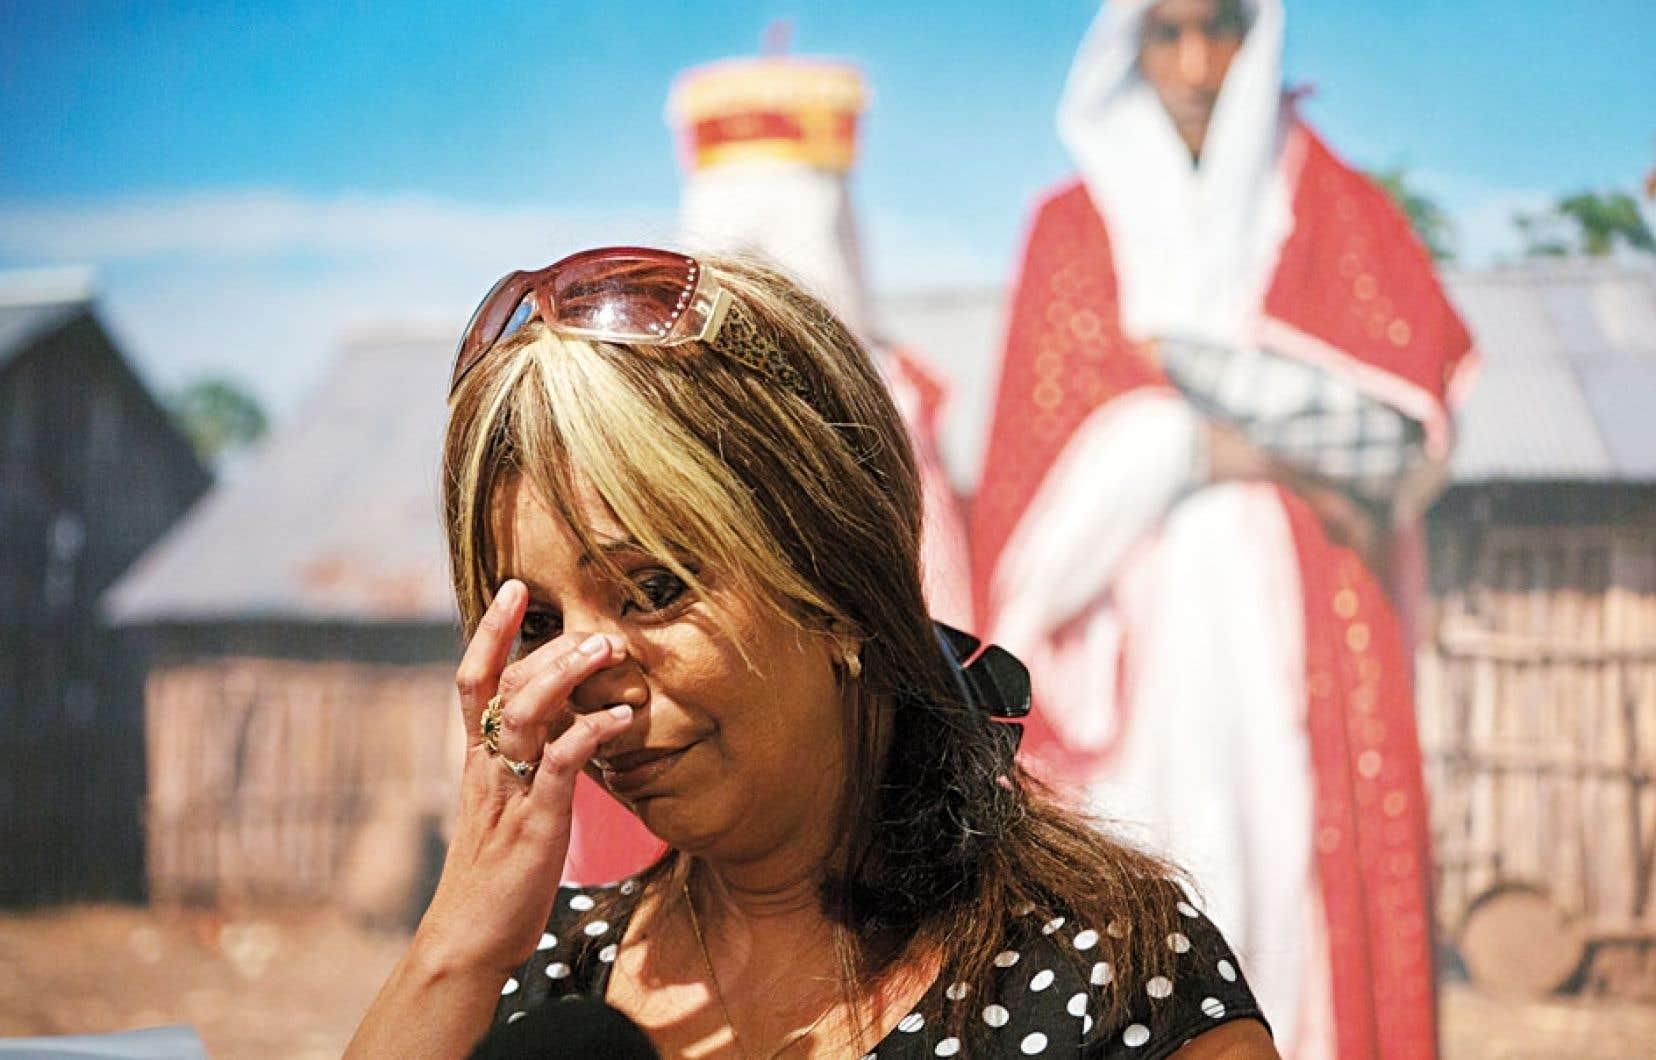 Lors du lancement, l'auteure d'origine algérienne Samia Shariff a raconté son histoire interrompue par les larmes. Elle a été mariée de force à 15 ans.